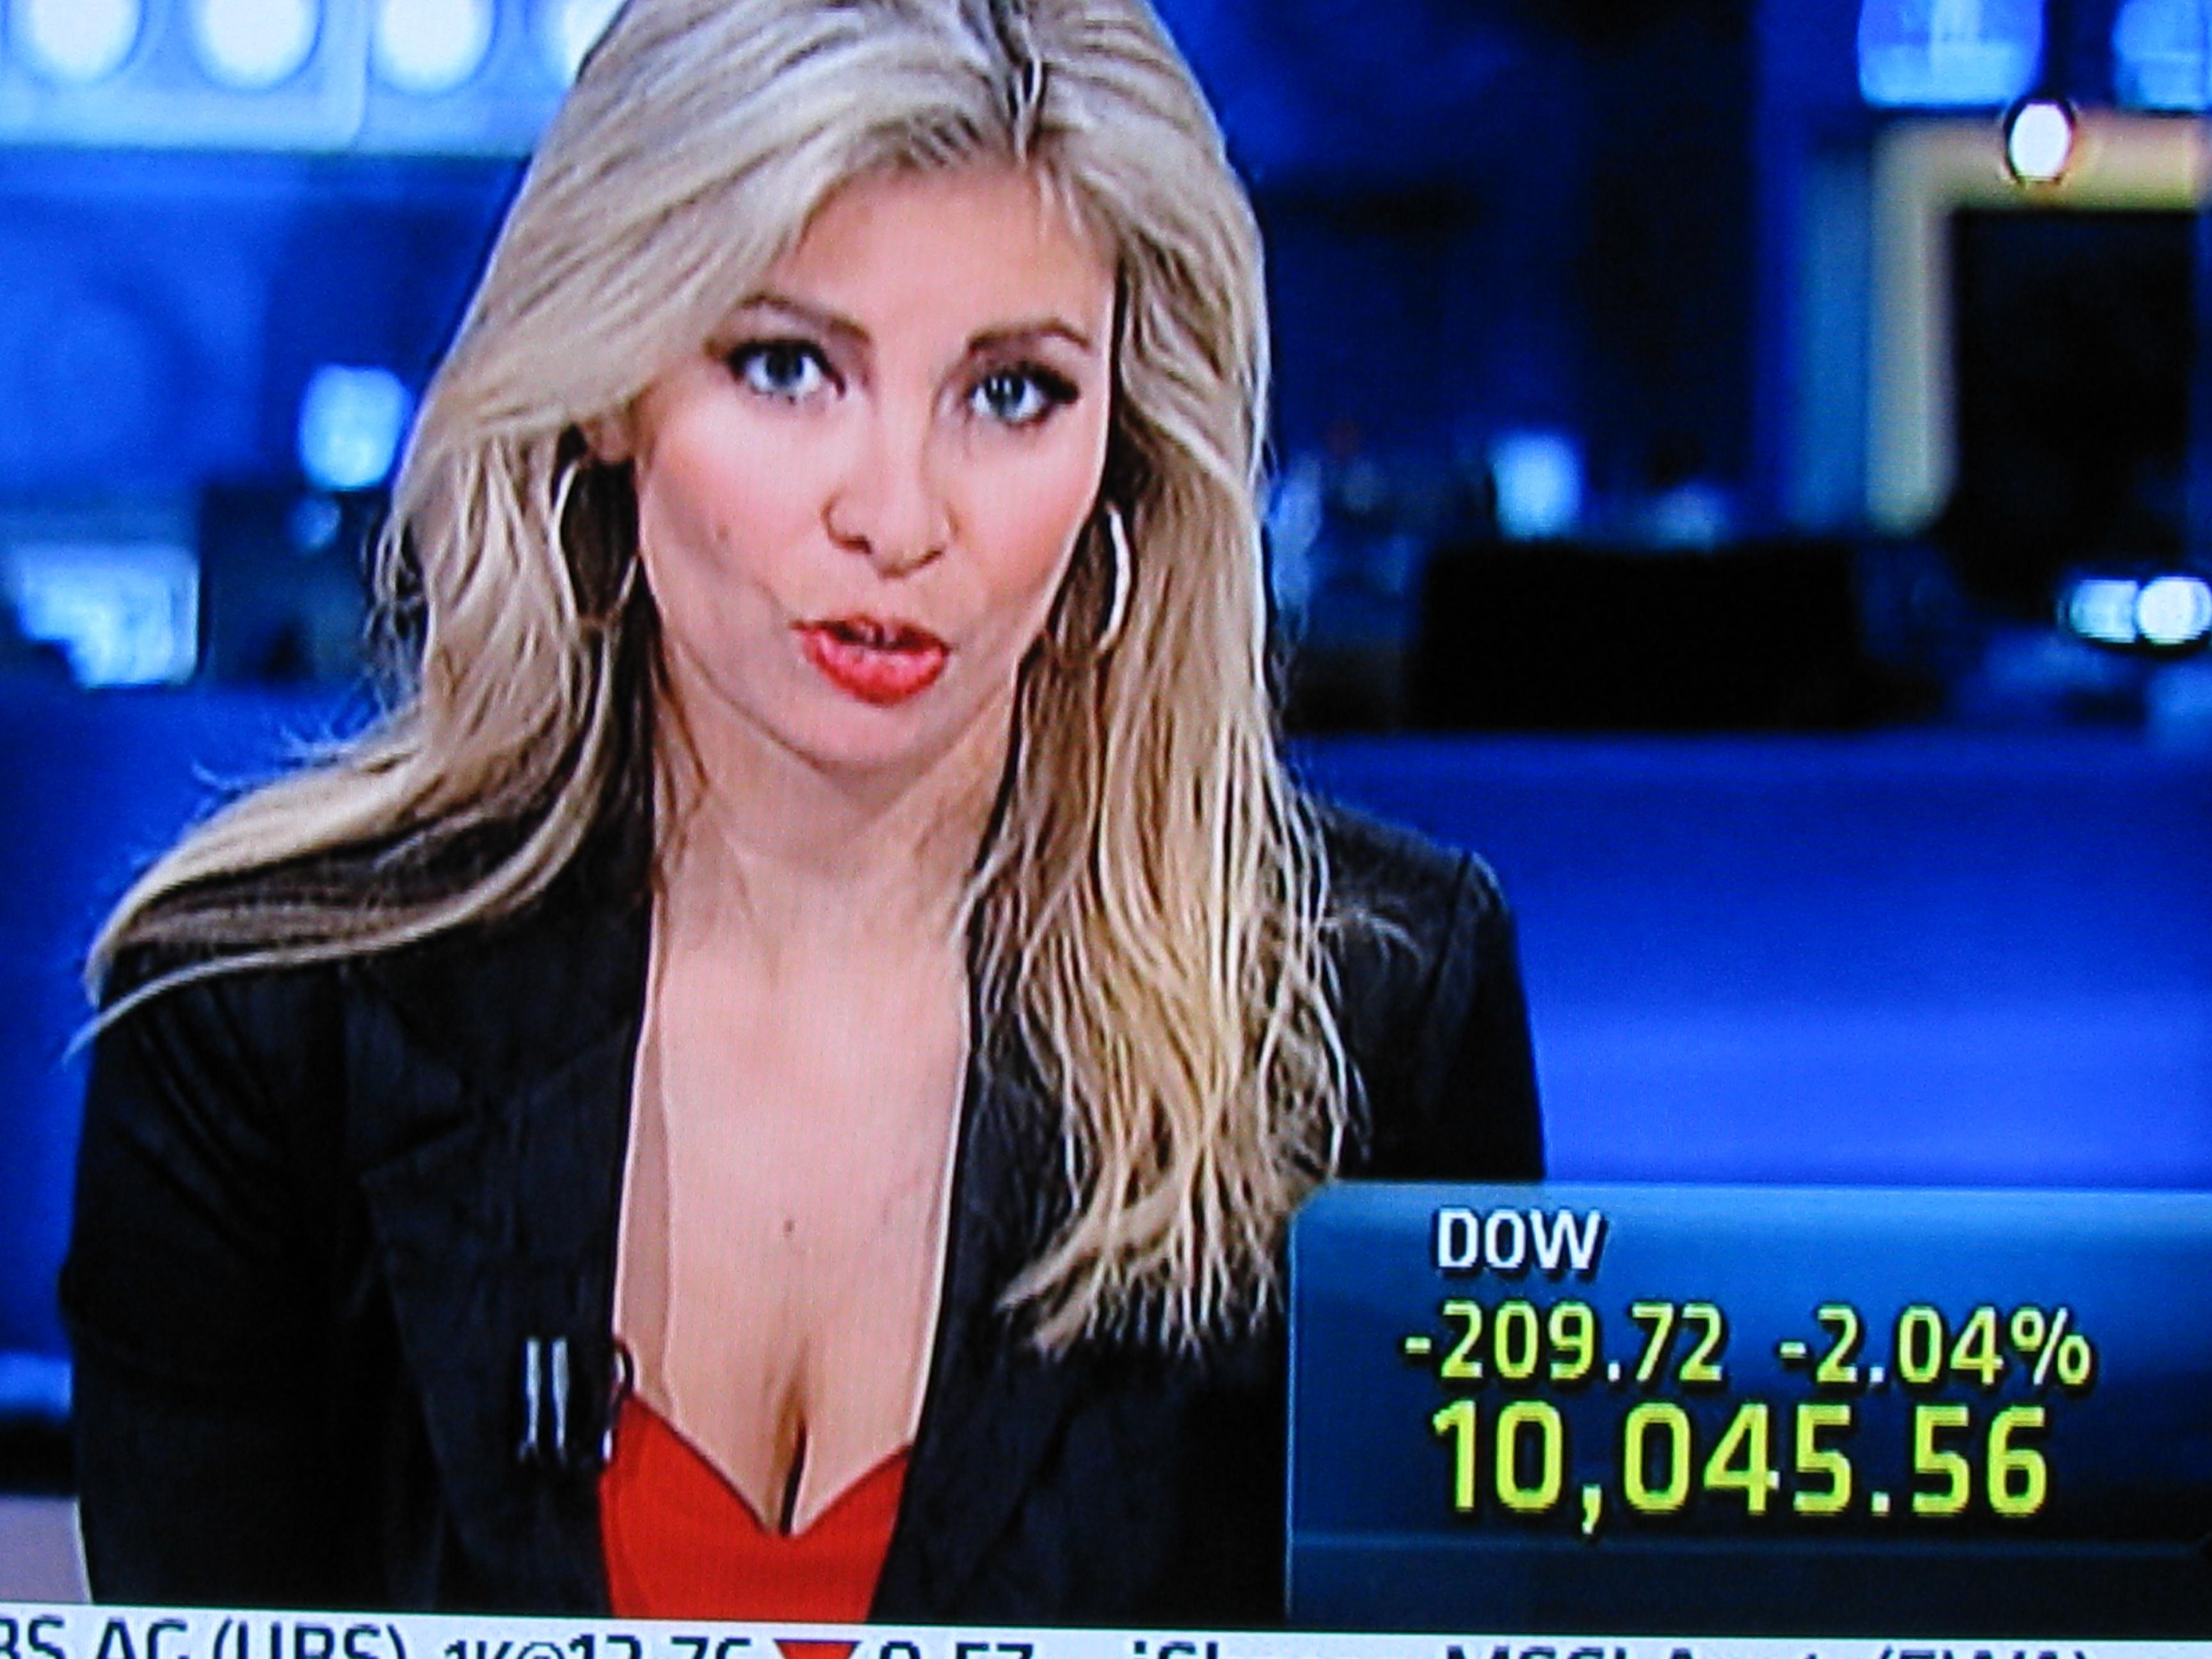 CNBC Mandy Drury Cleavage